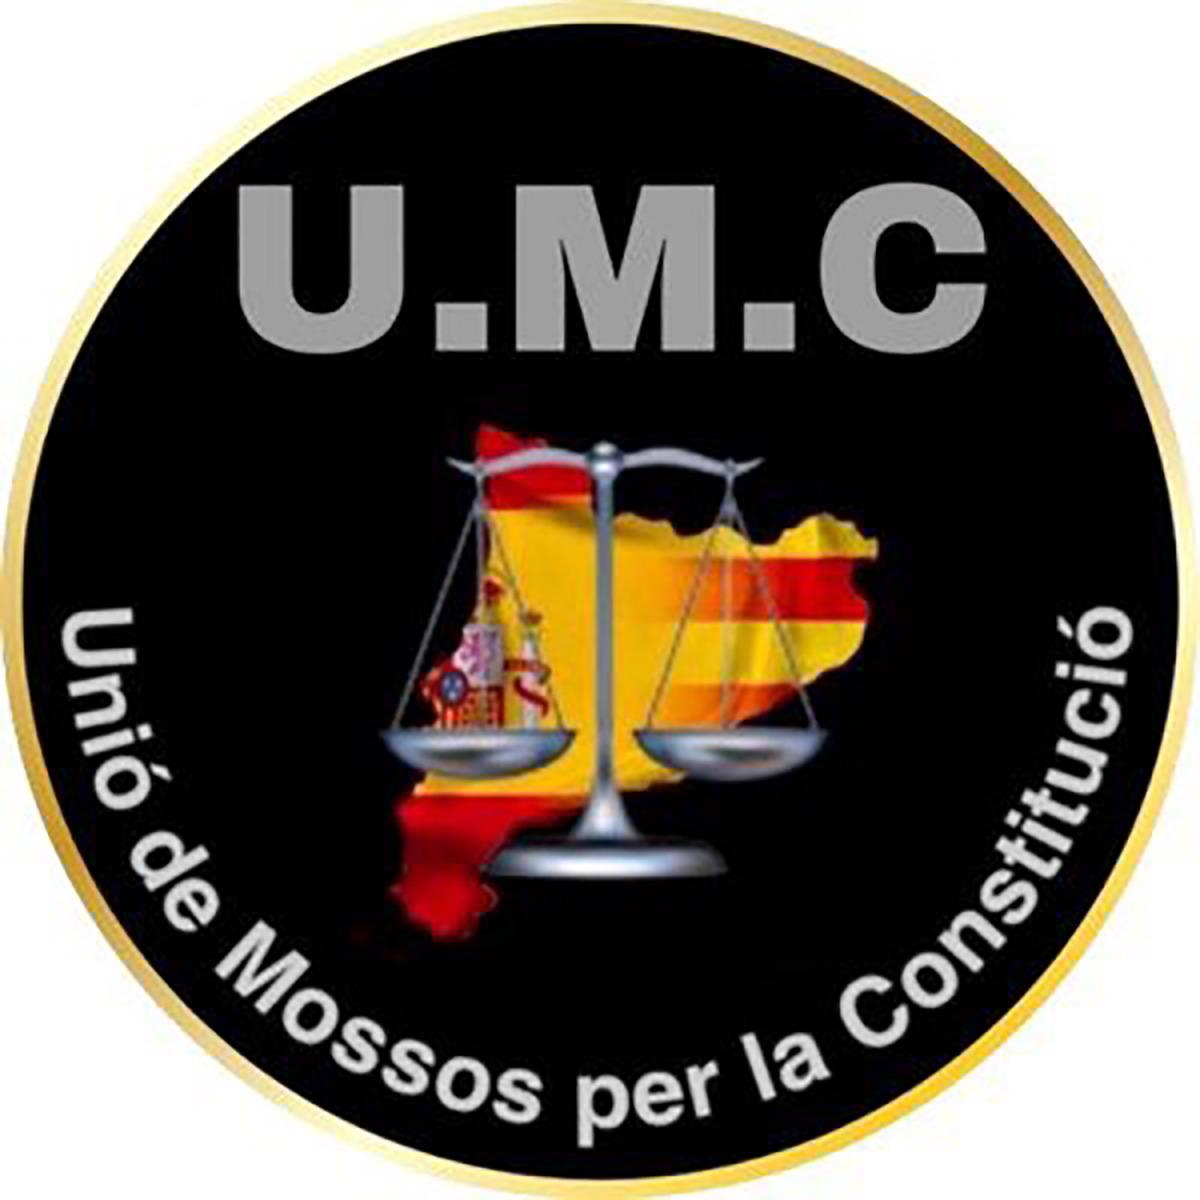 El logo d'Unió de Mossos per la Constitució/ Twitter @UMCmossos